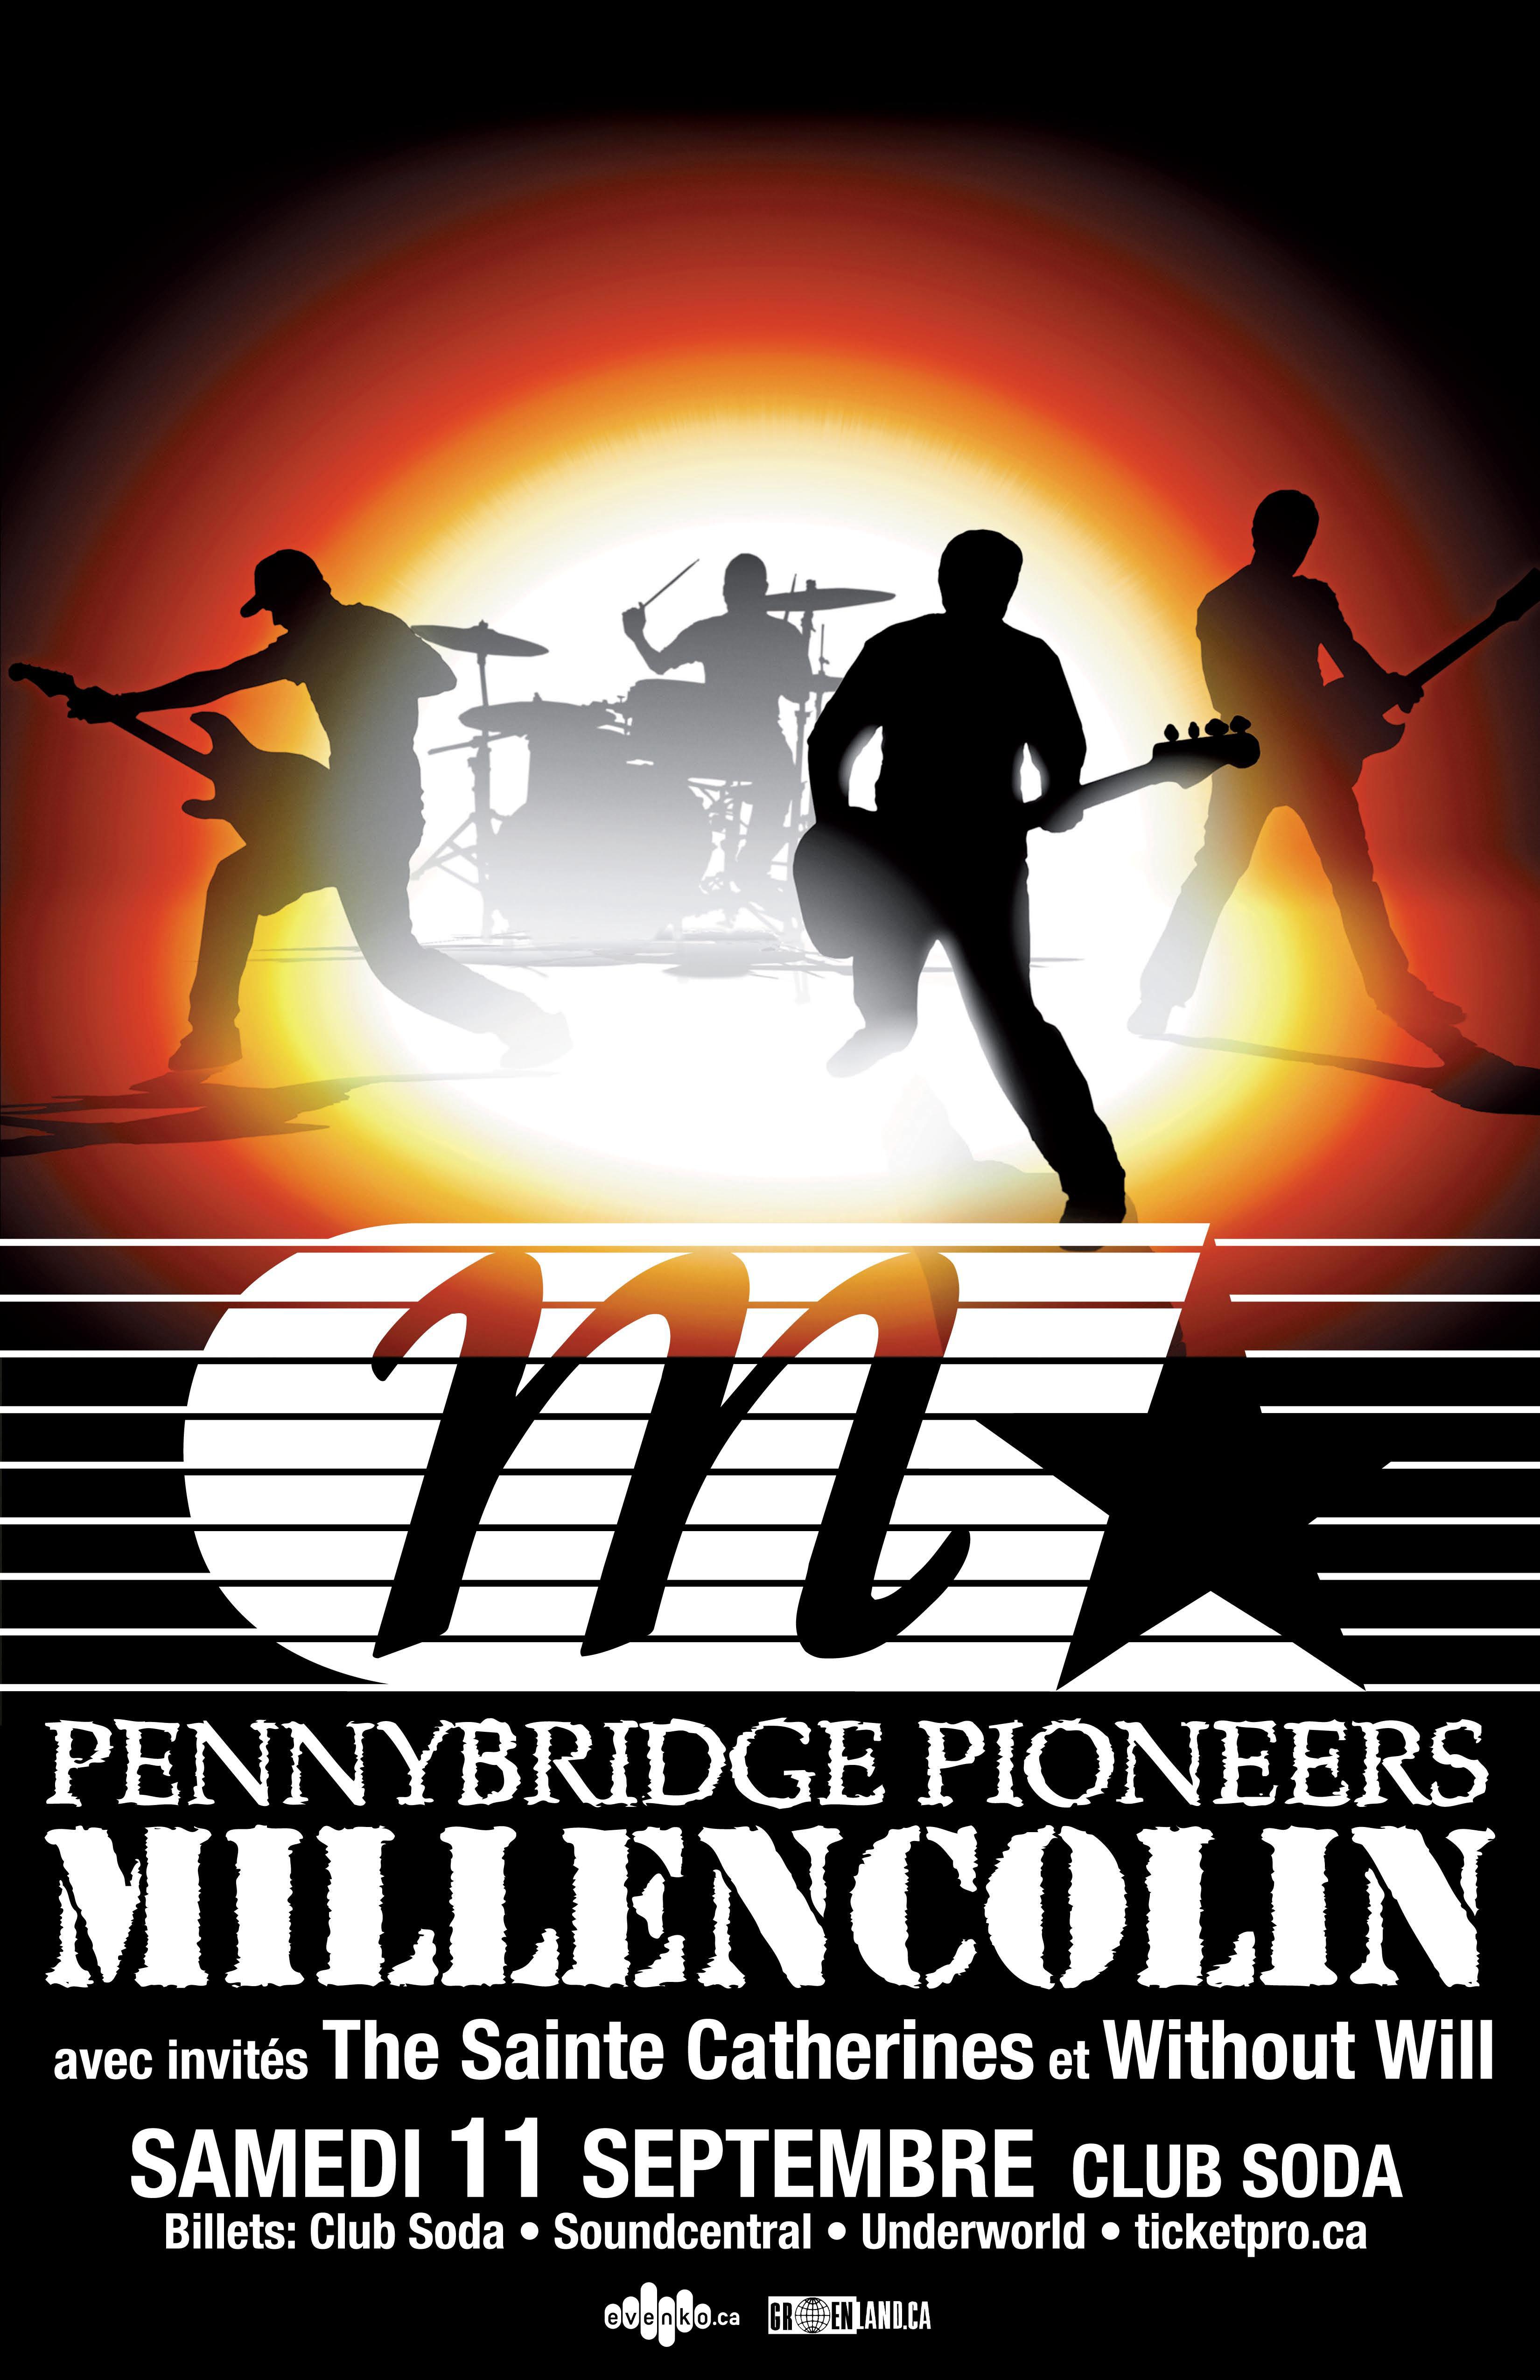 Millencolin-SA-50x70cmPOSTER